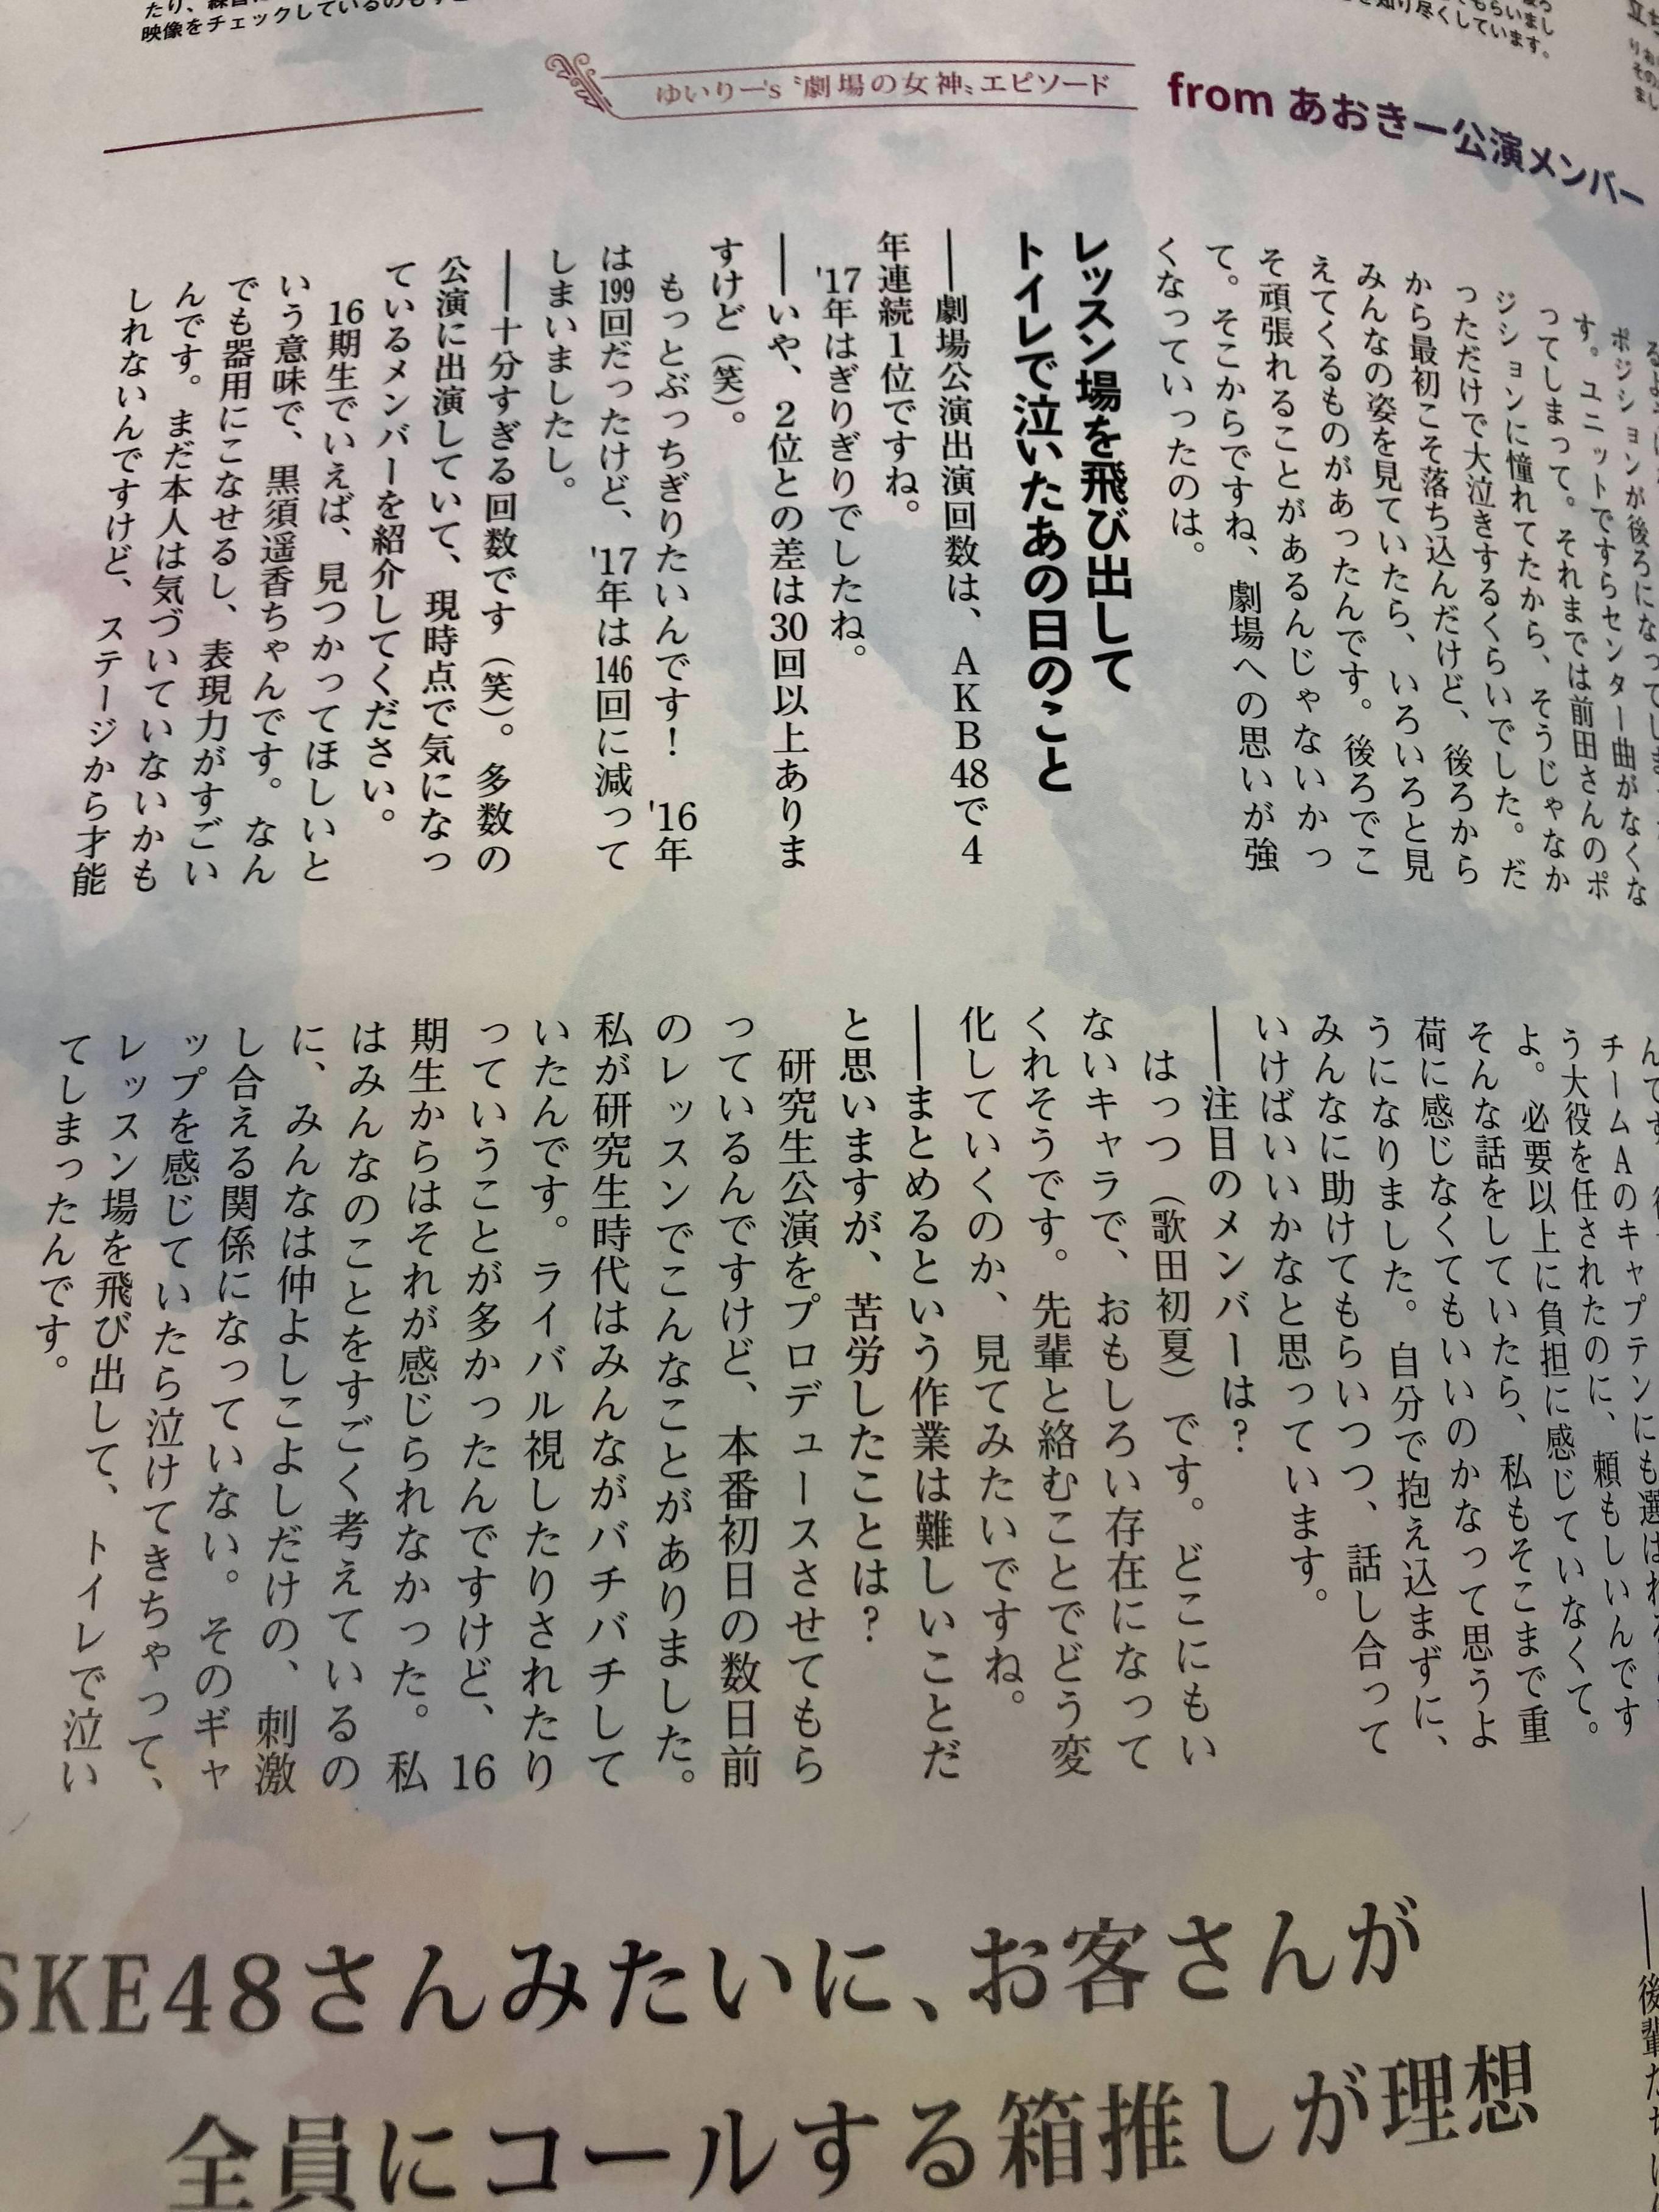 村山彩希「注目するメンバーははっつことチーム8歌田初夏」